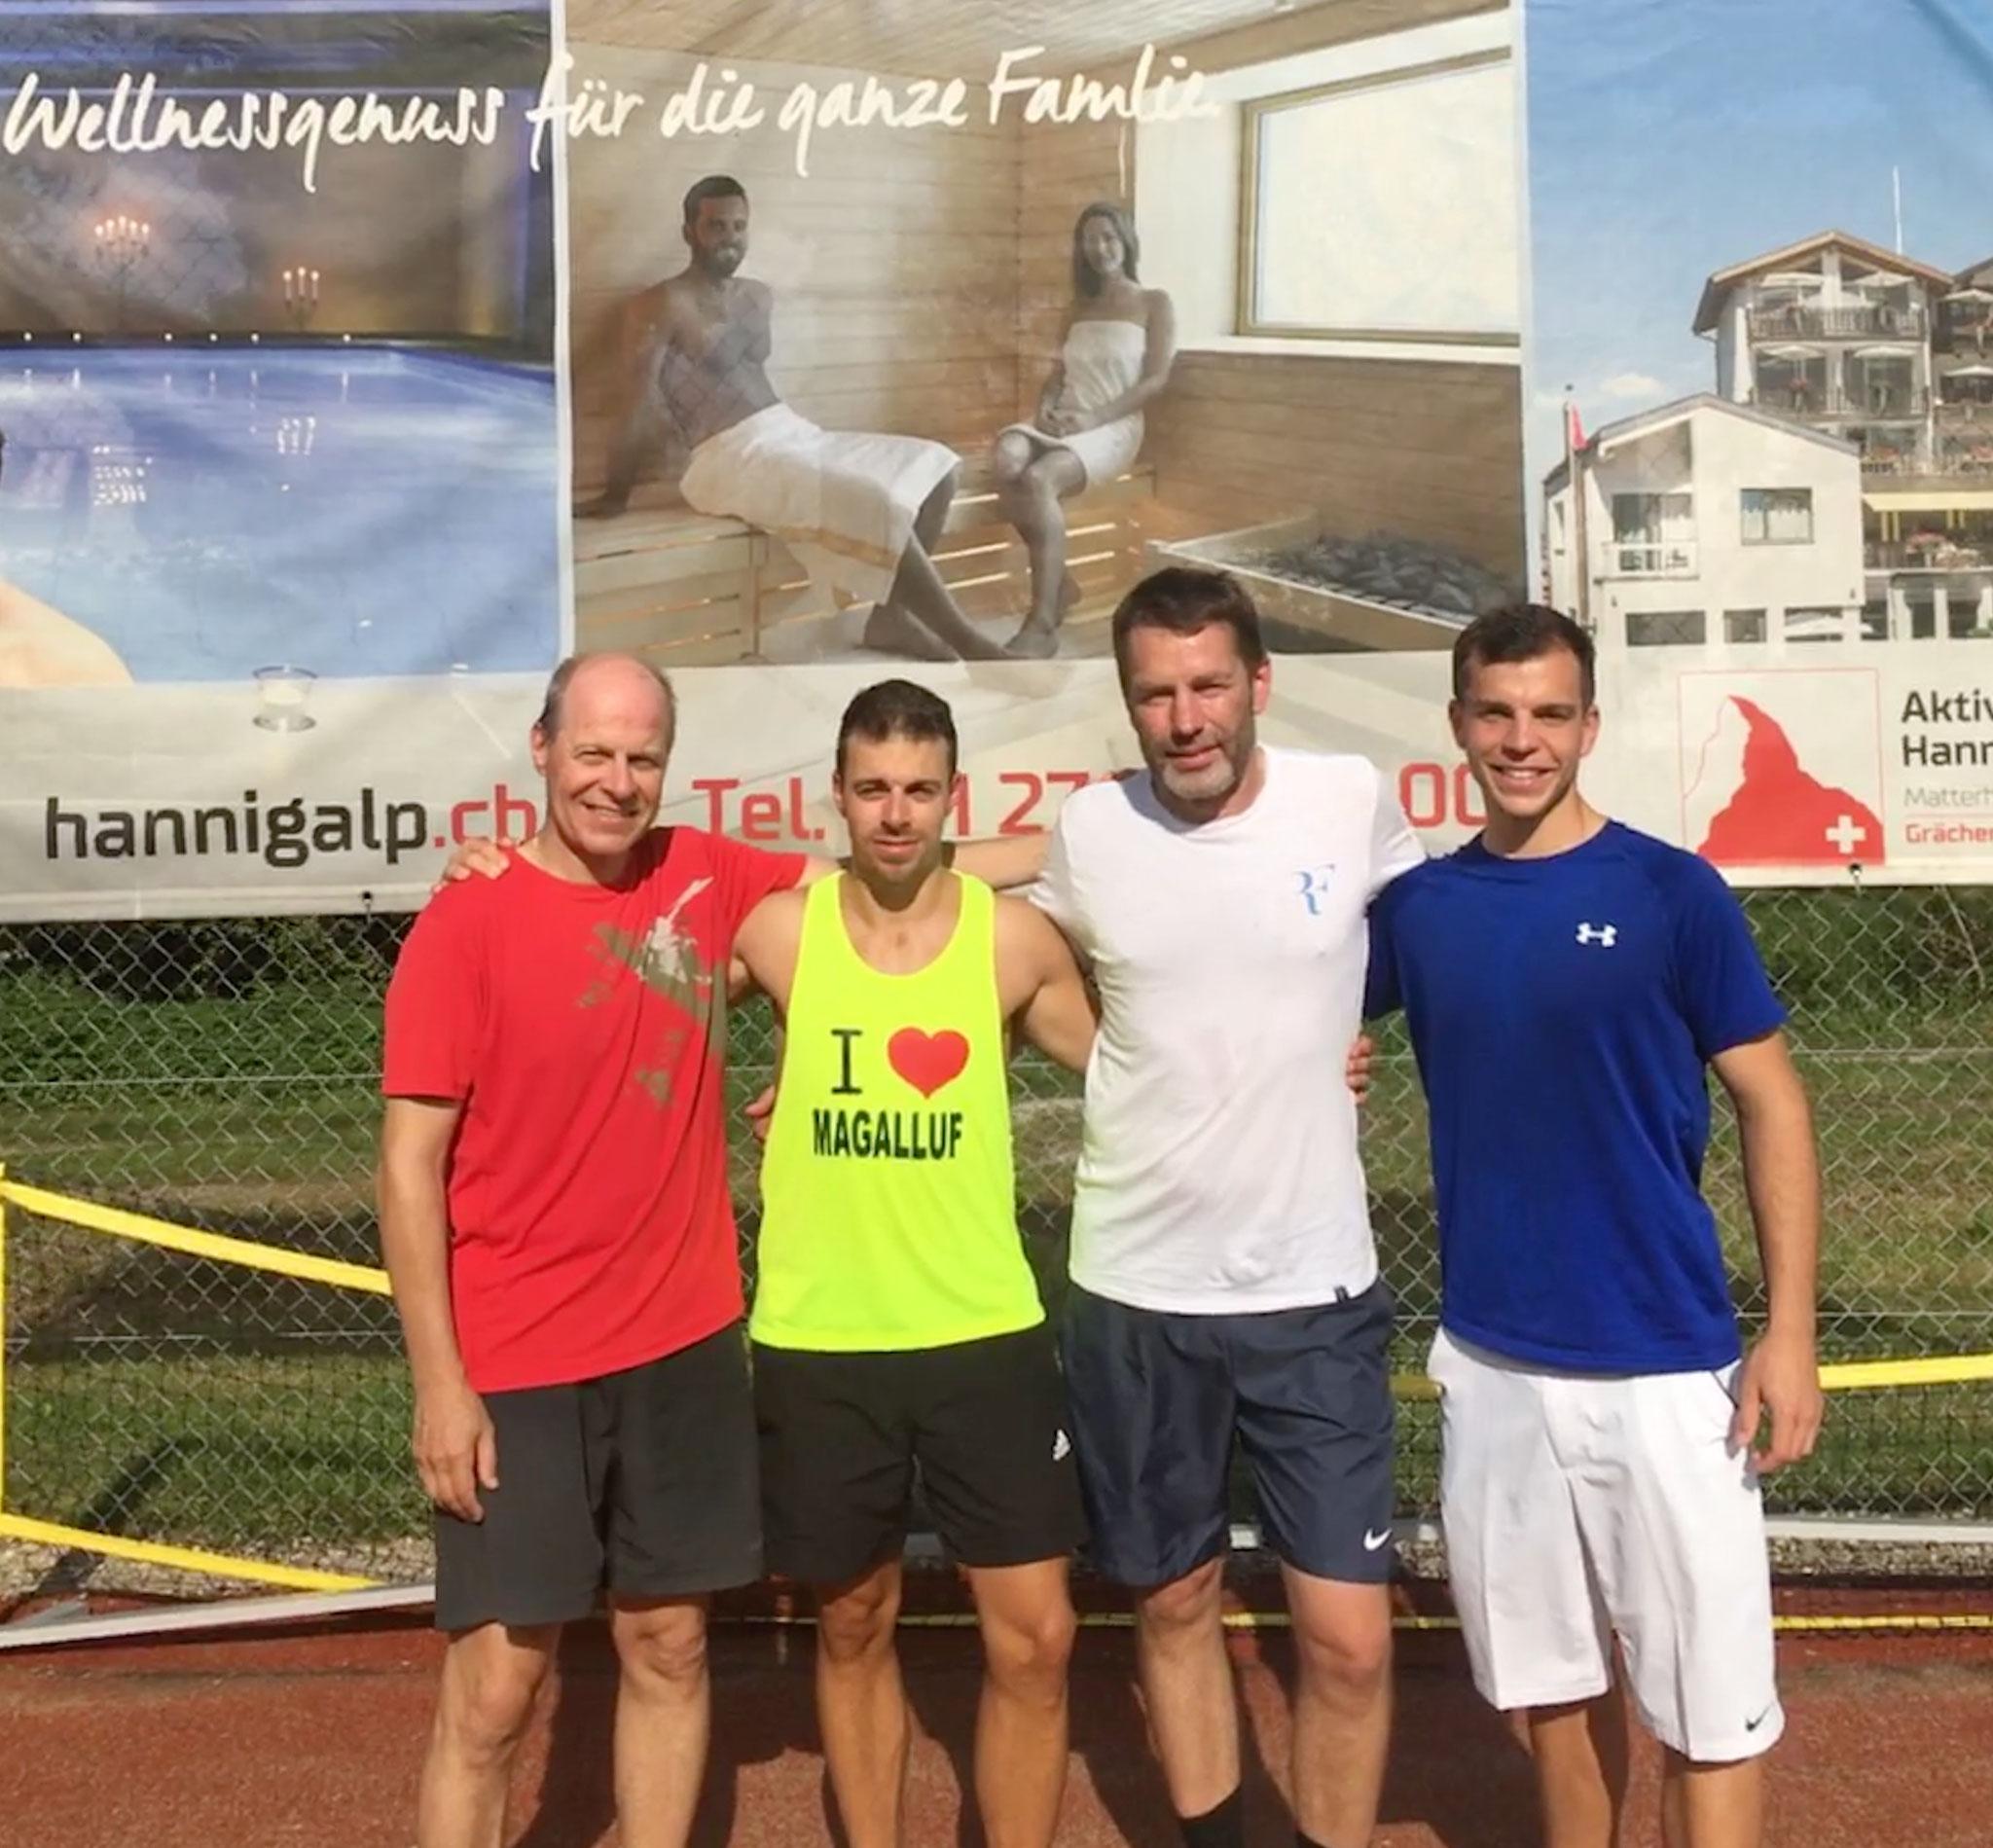 2019 Herren Doppel Sieger: M. Schläfli & M. Schläfli / Finalist: S. Studer & F. Studer